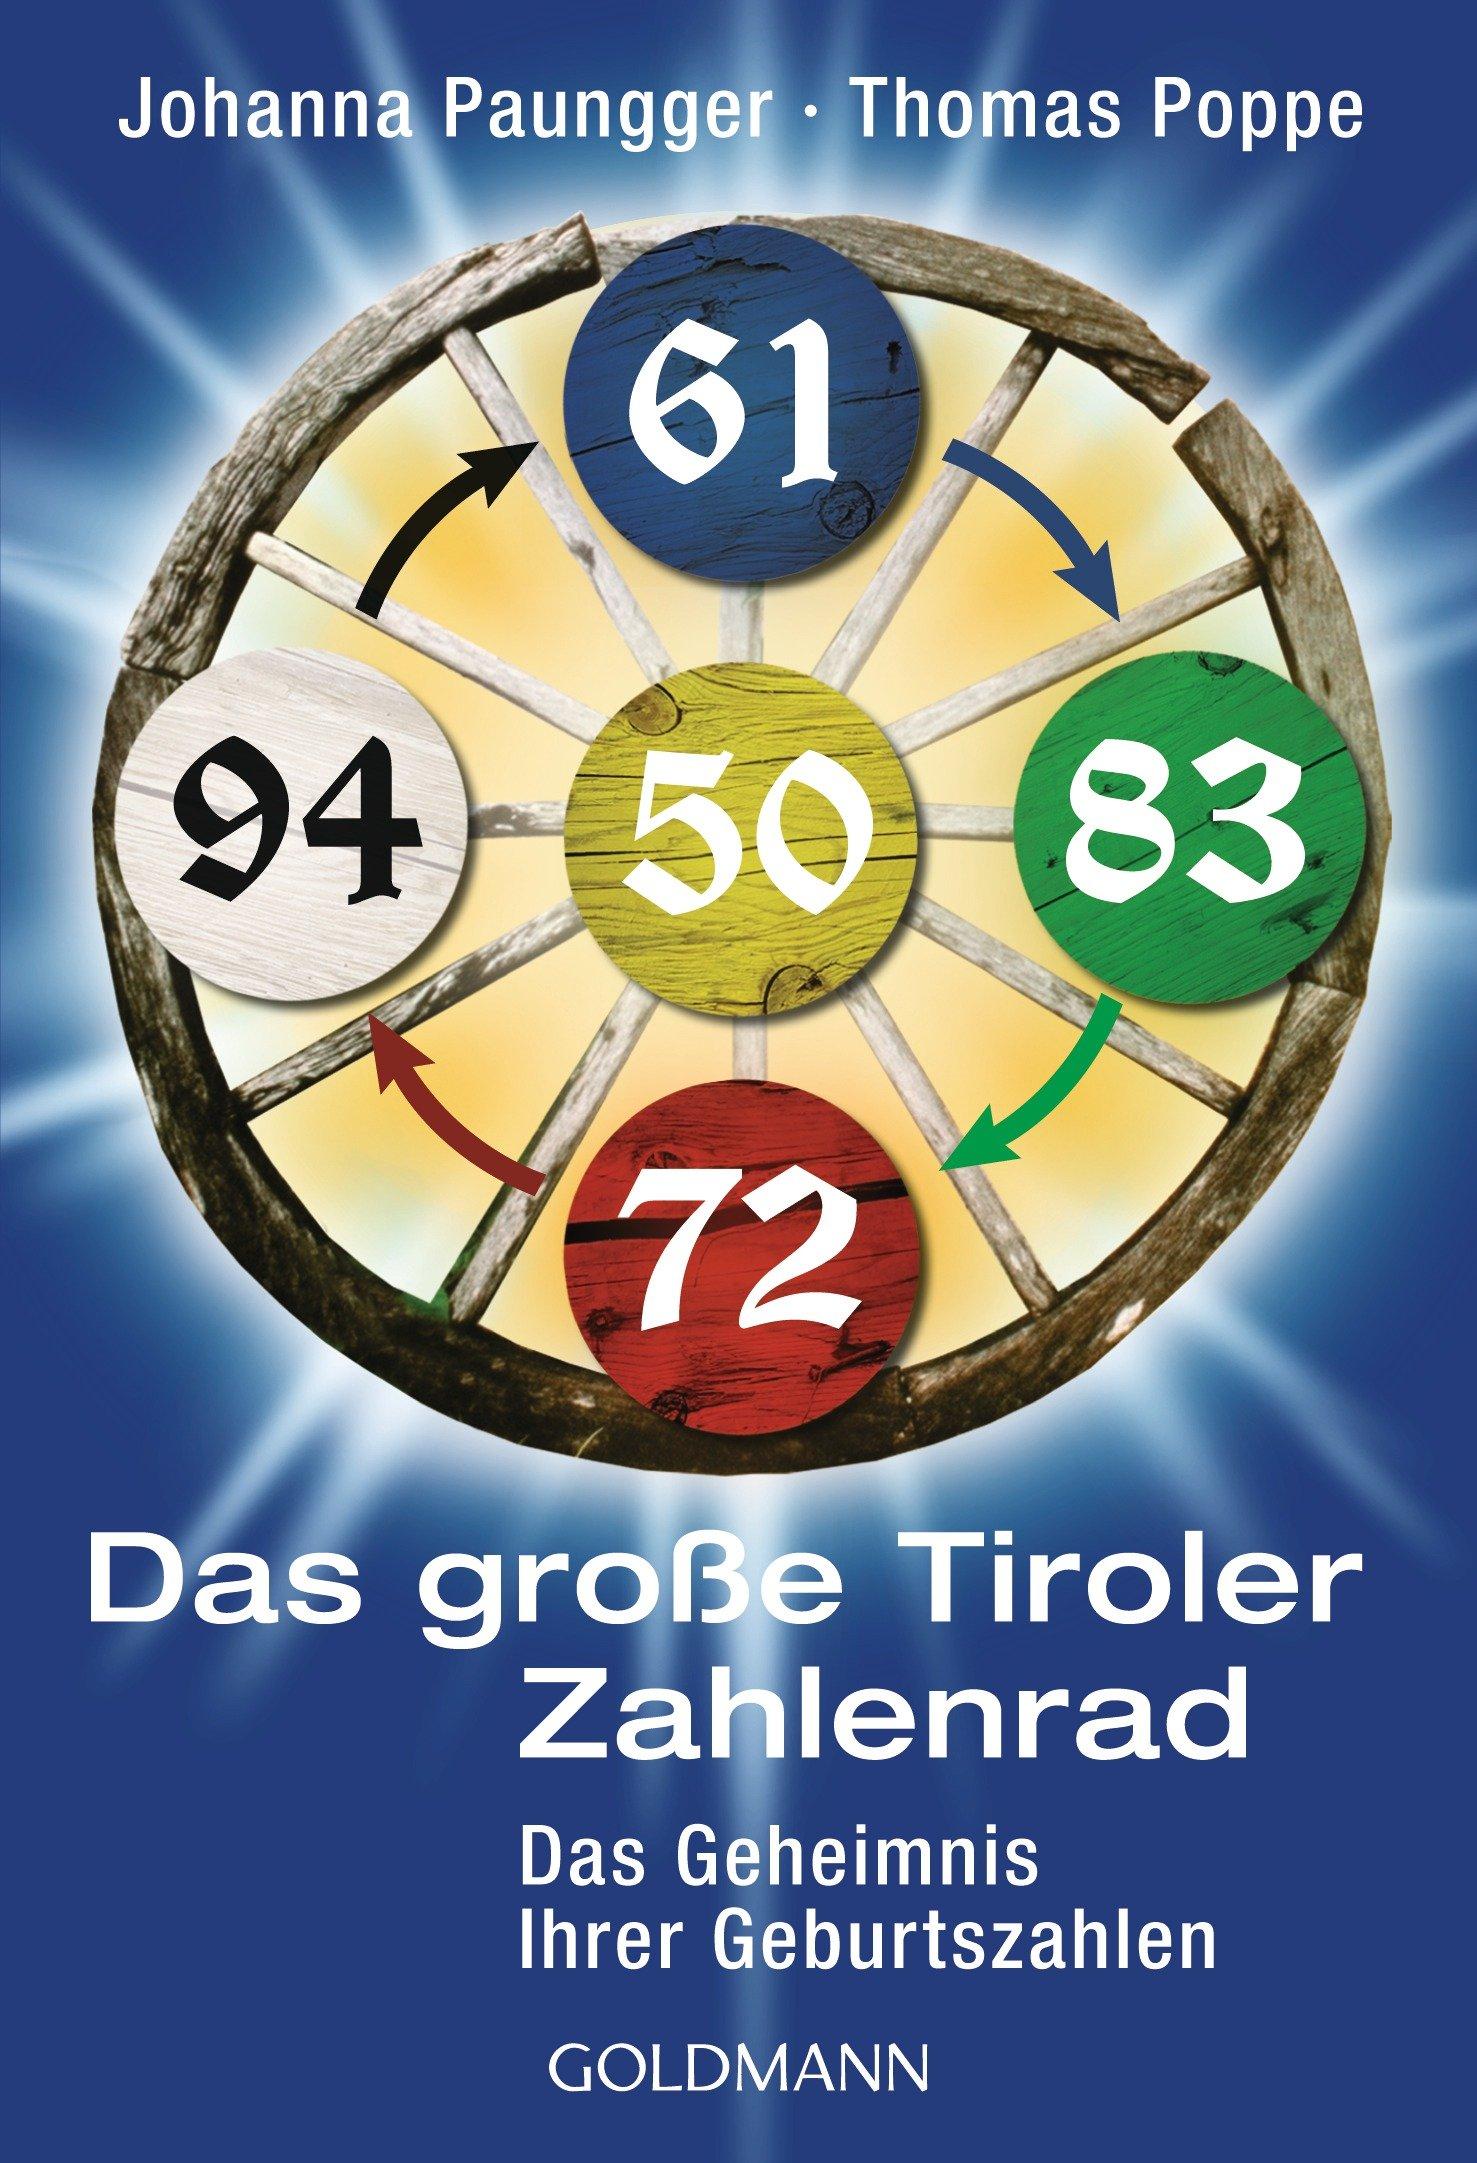 Das Tiroler Zahlenrad: Das Geheimnis unserer Geburtszahlen Taschenbuch – 22. März 2010 Johanna Paungger Thomas Poppe Goldmann Verlag 3442170893